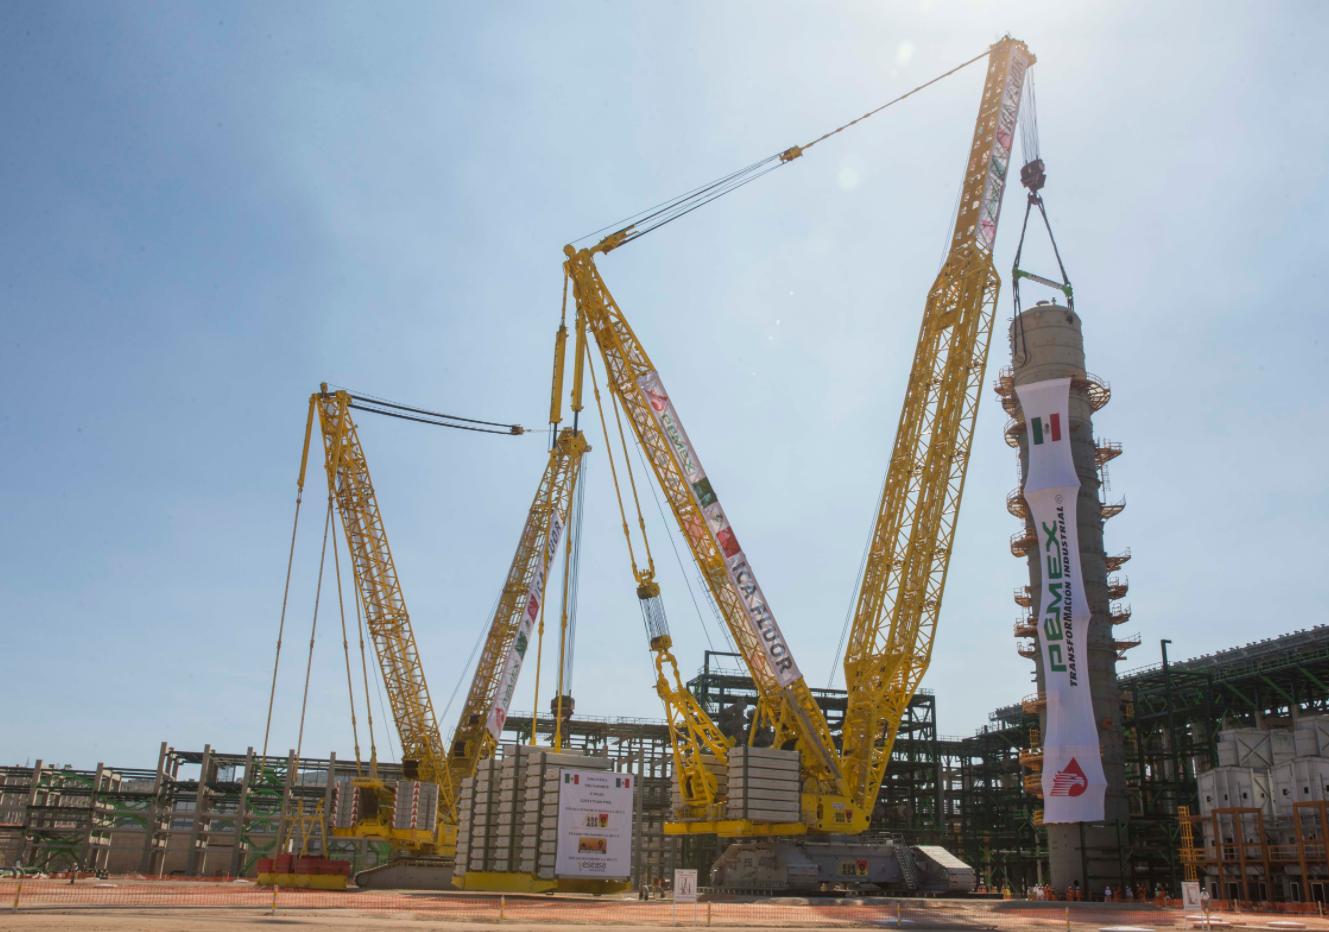 Pemex descubre nuevo yacimiento petrolero; el hallazgo más importante en 15 años